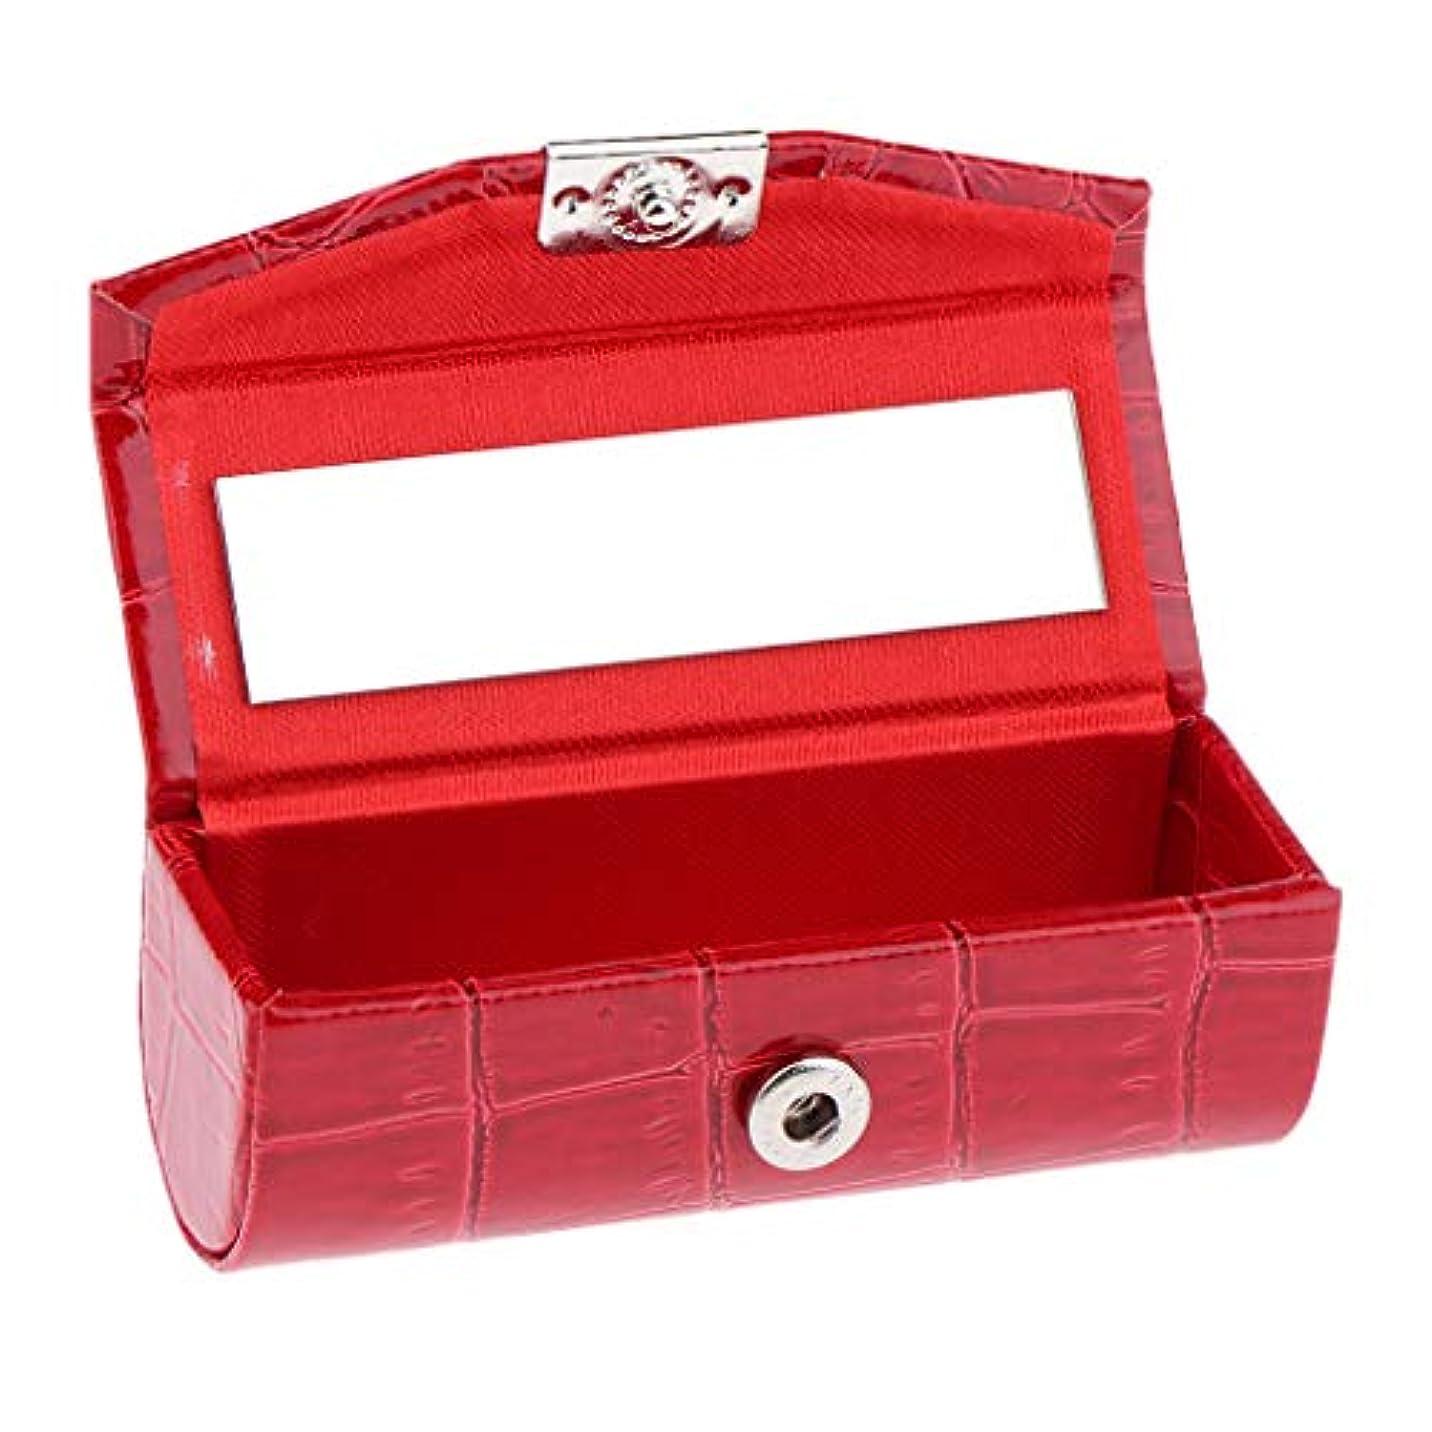 歴史的時代どれでもIPOTCH レザー リップスティックケース 口紅ホルダー ミラー 収納ボックス 多色選べ - 赤